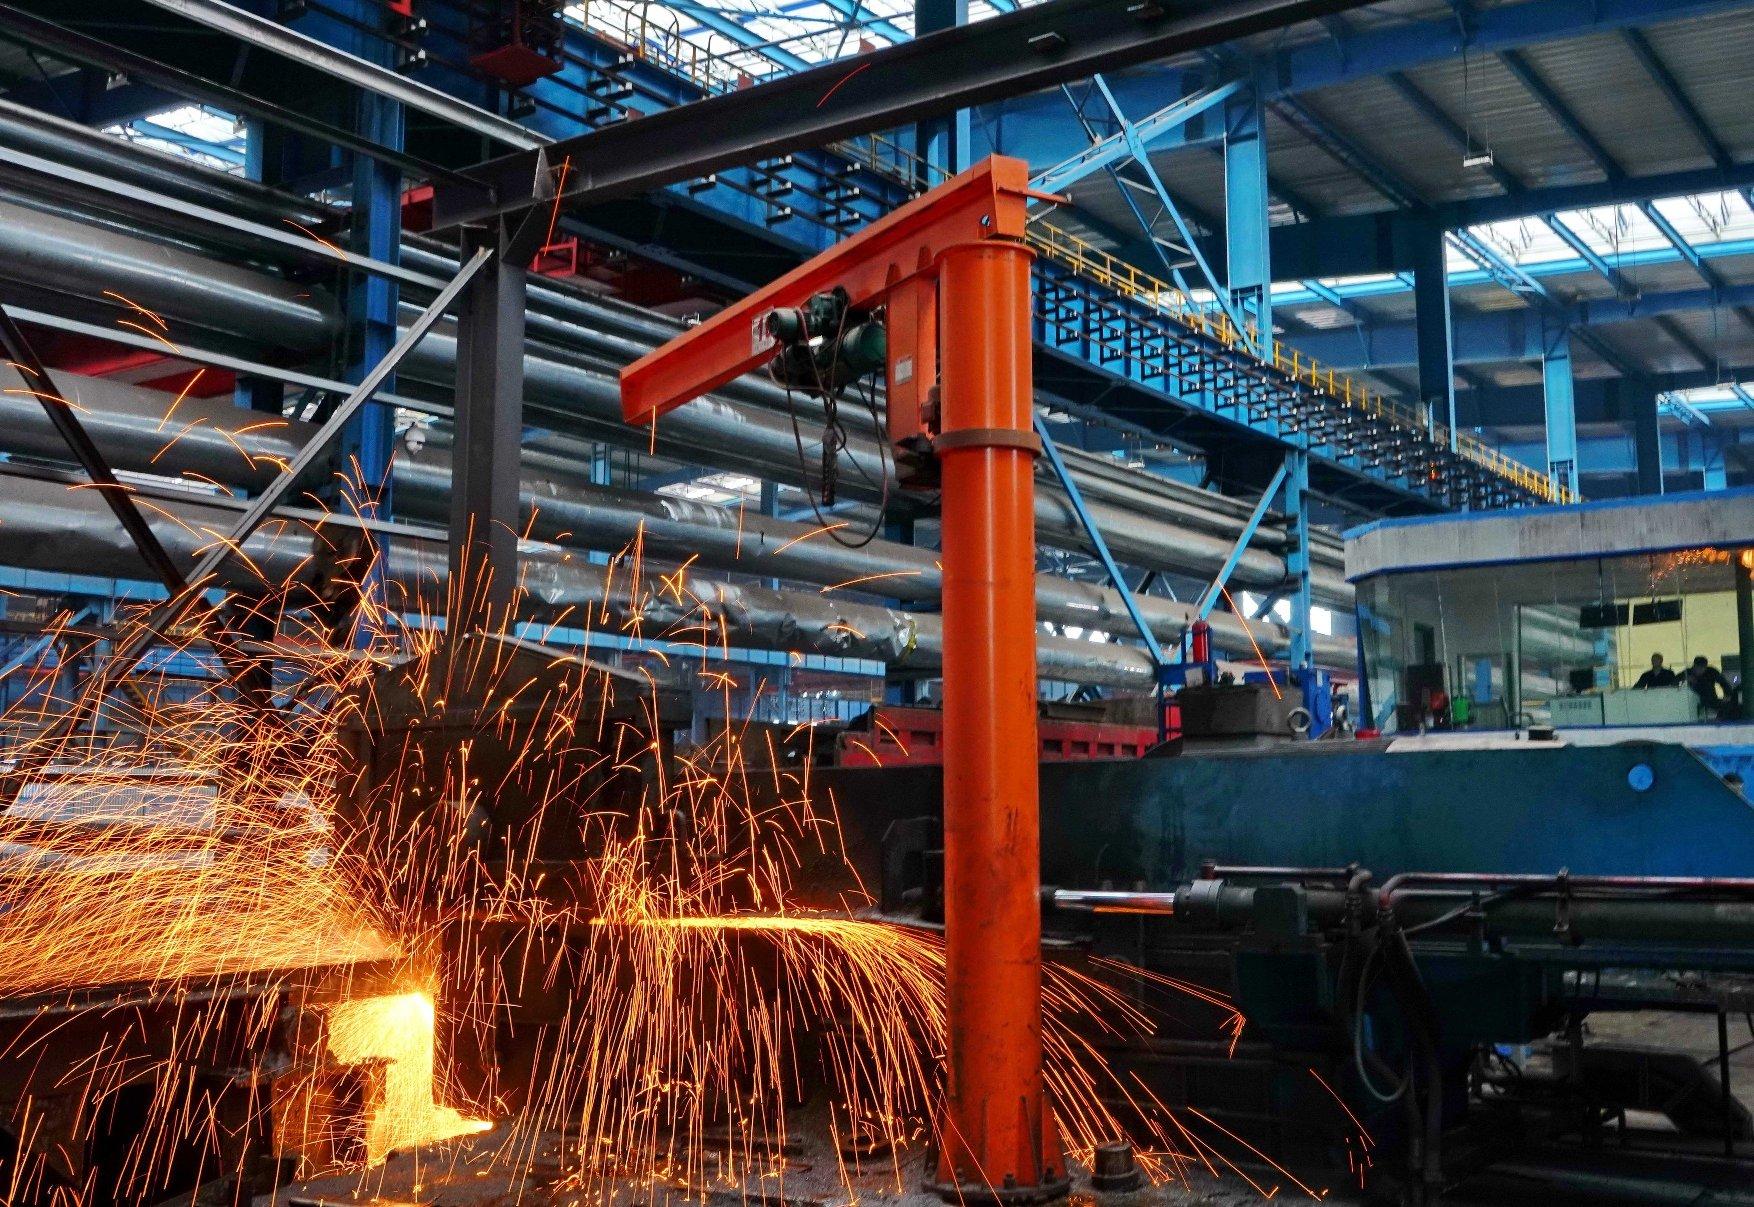 Trung Quốc đóng cửa các cơ sở sản xuất thép lạc hậu, giảm sản lượng thép thô